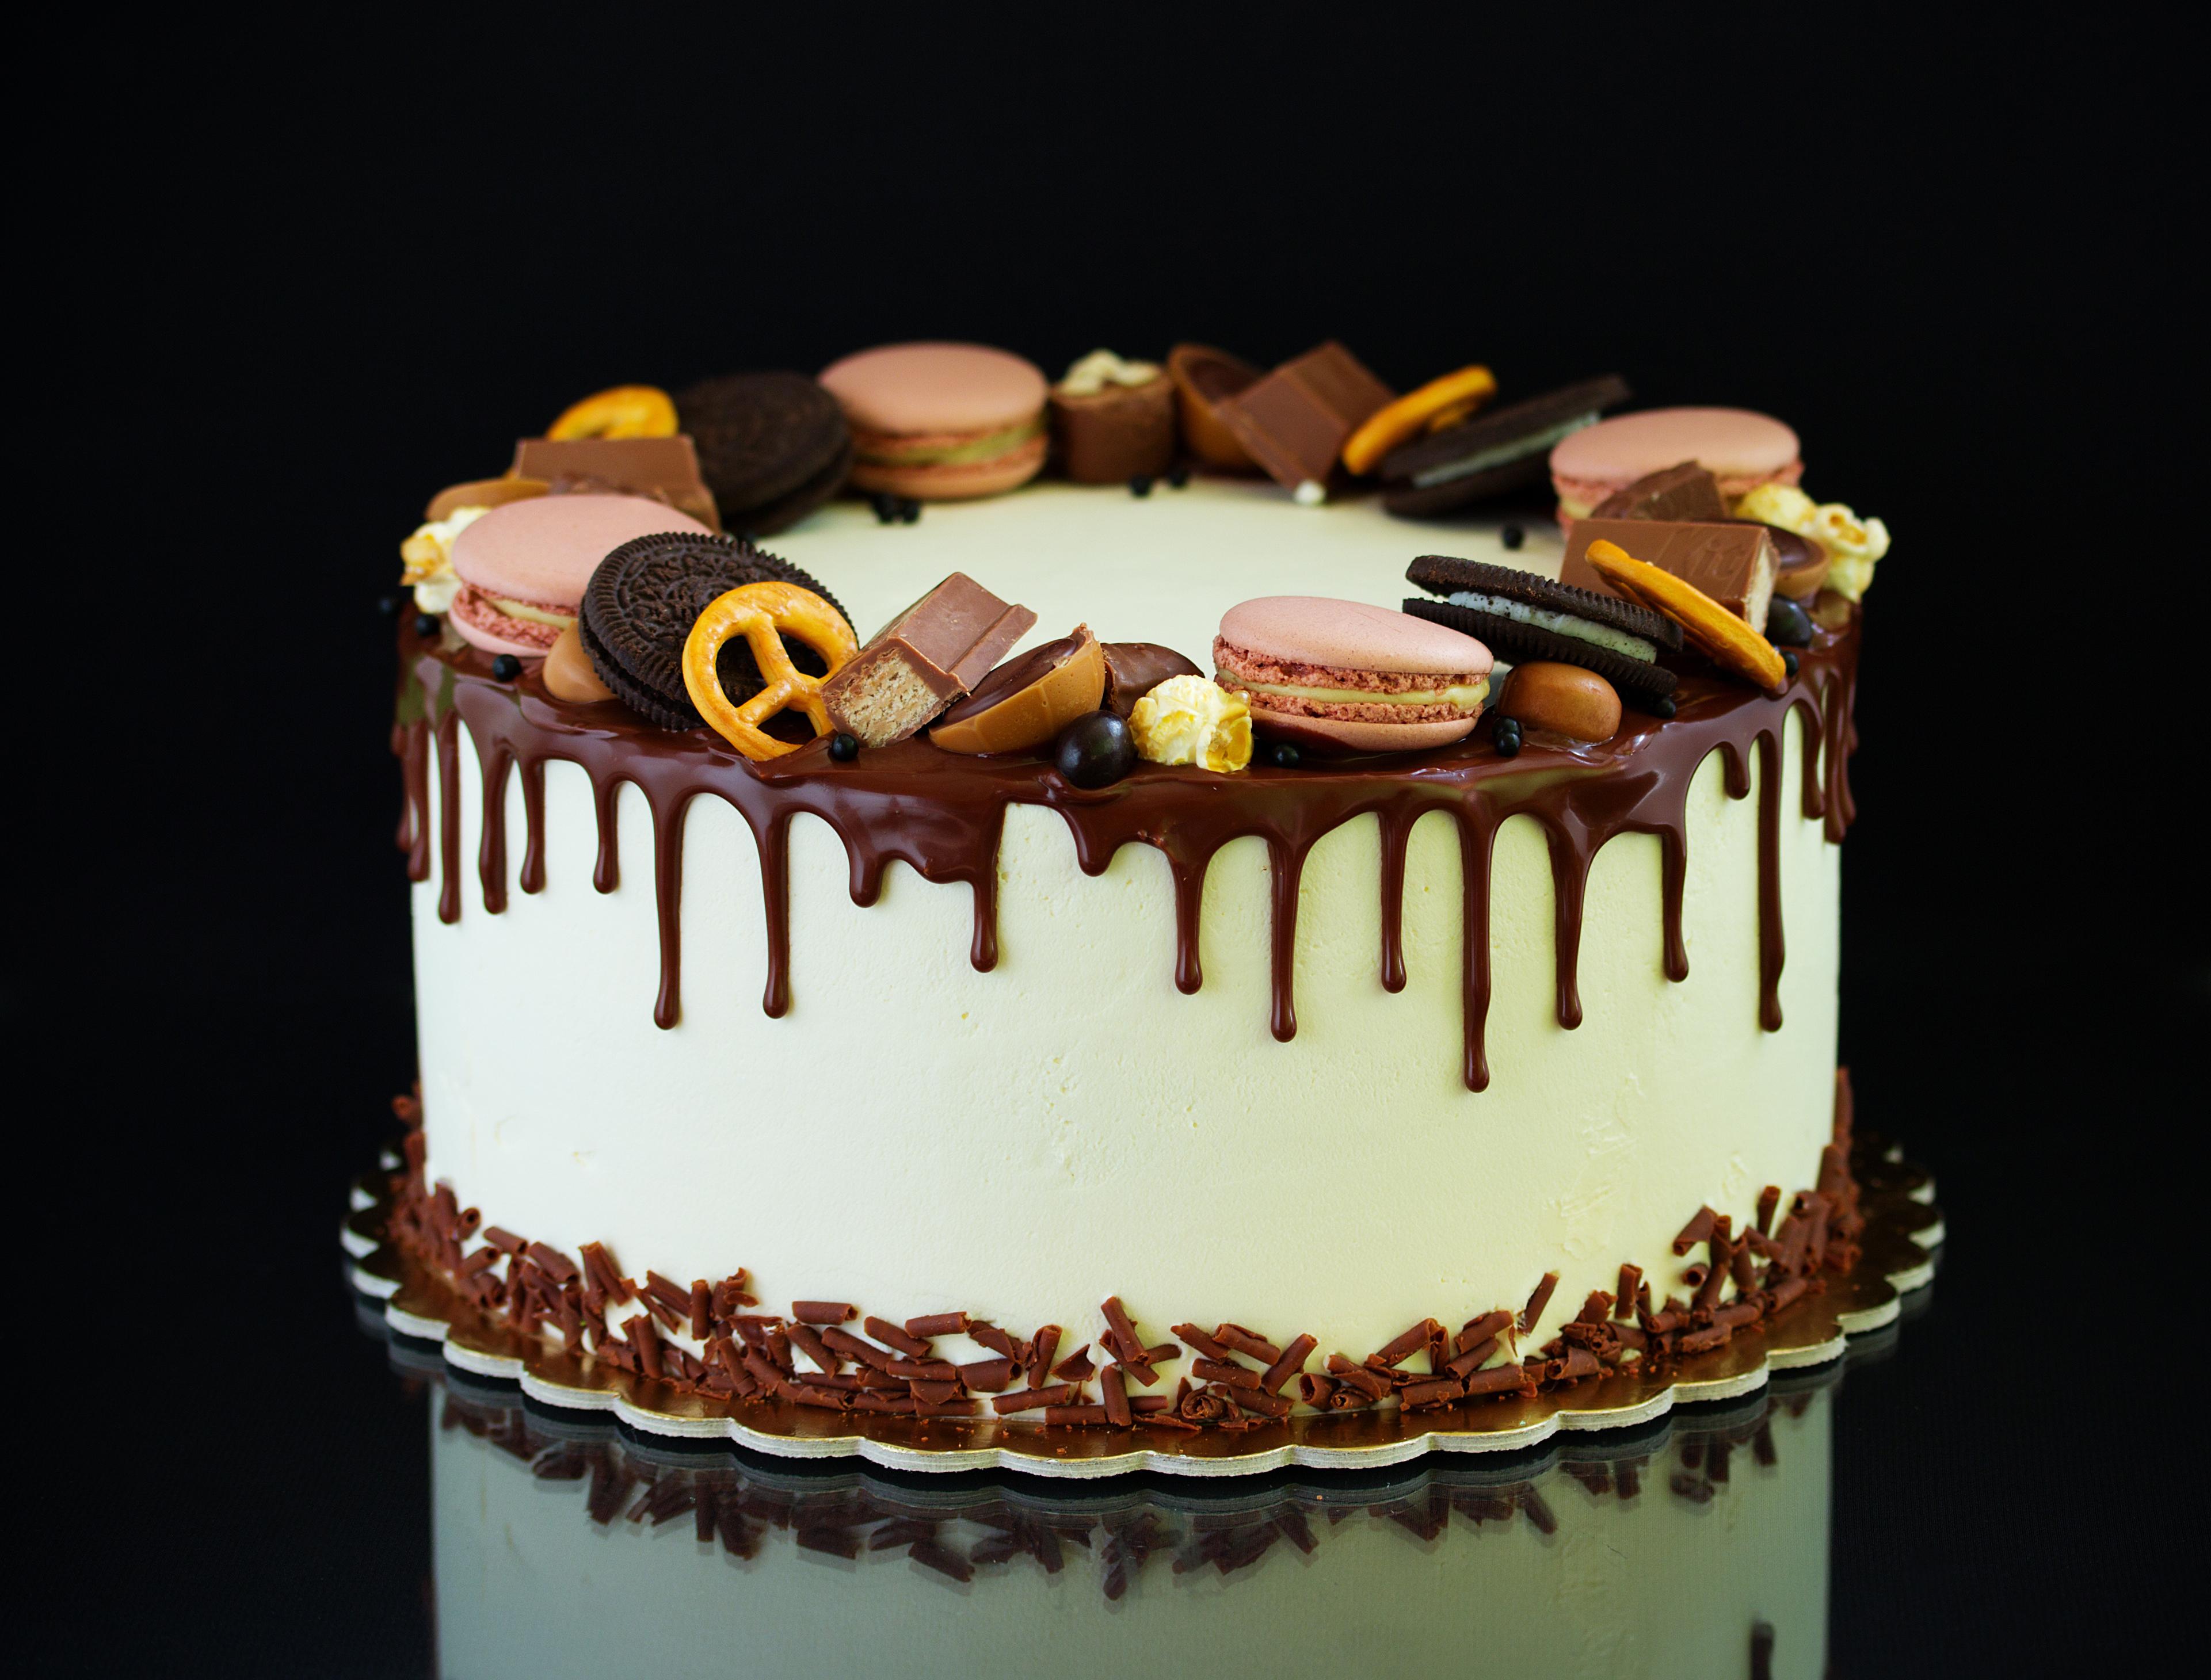 плитка как украсить торт конфетами и печеньем фото аномально